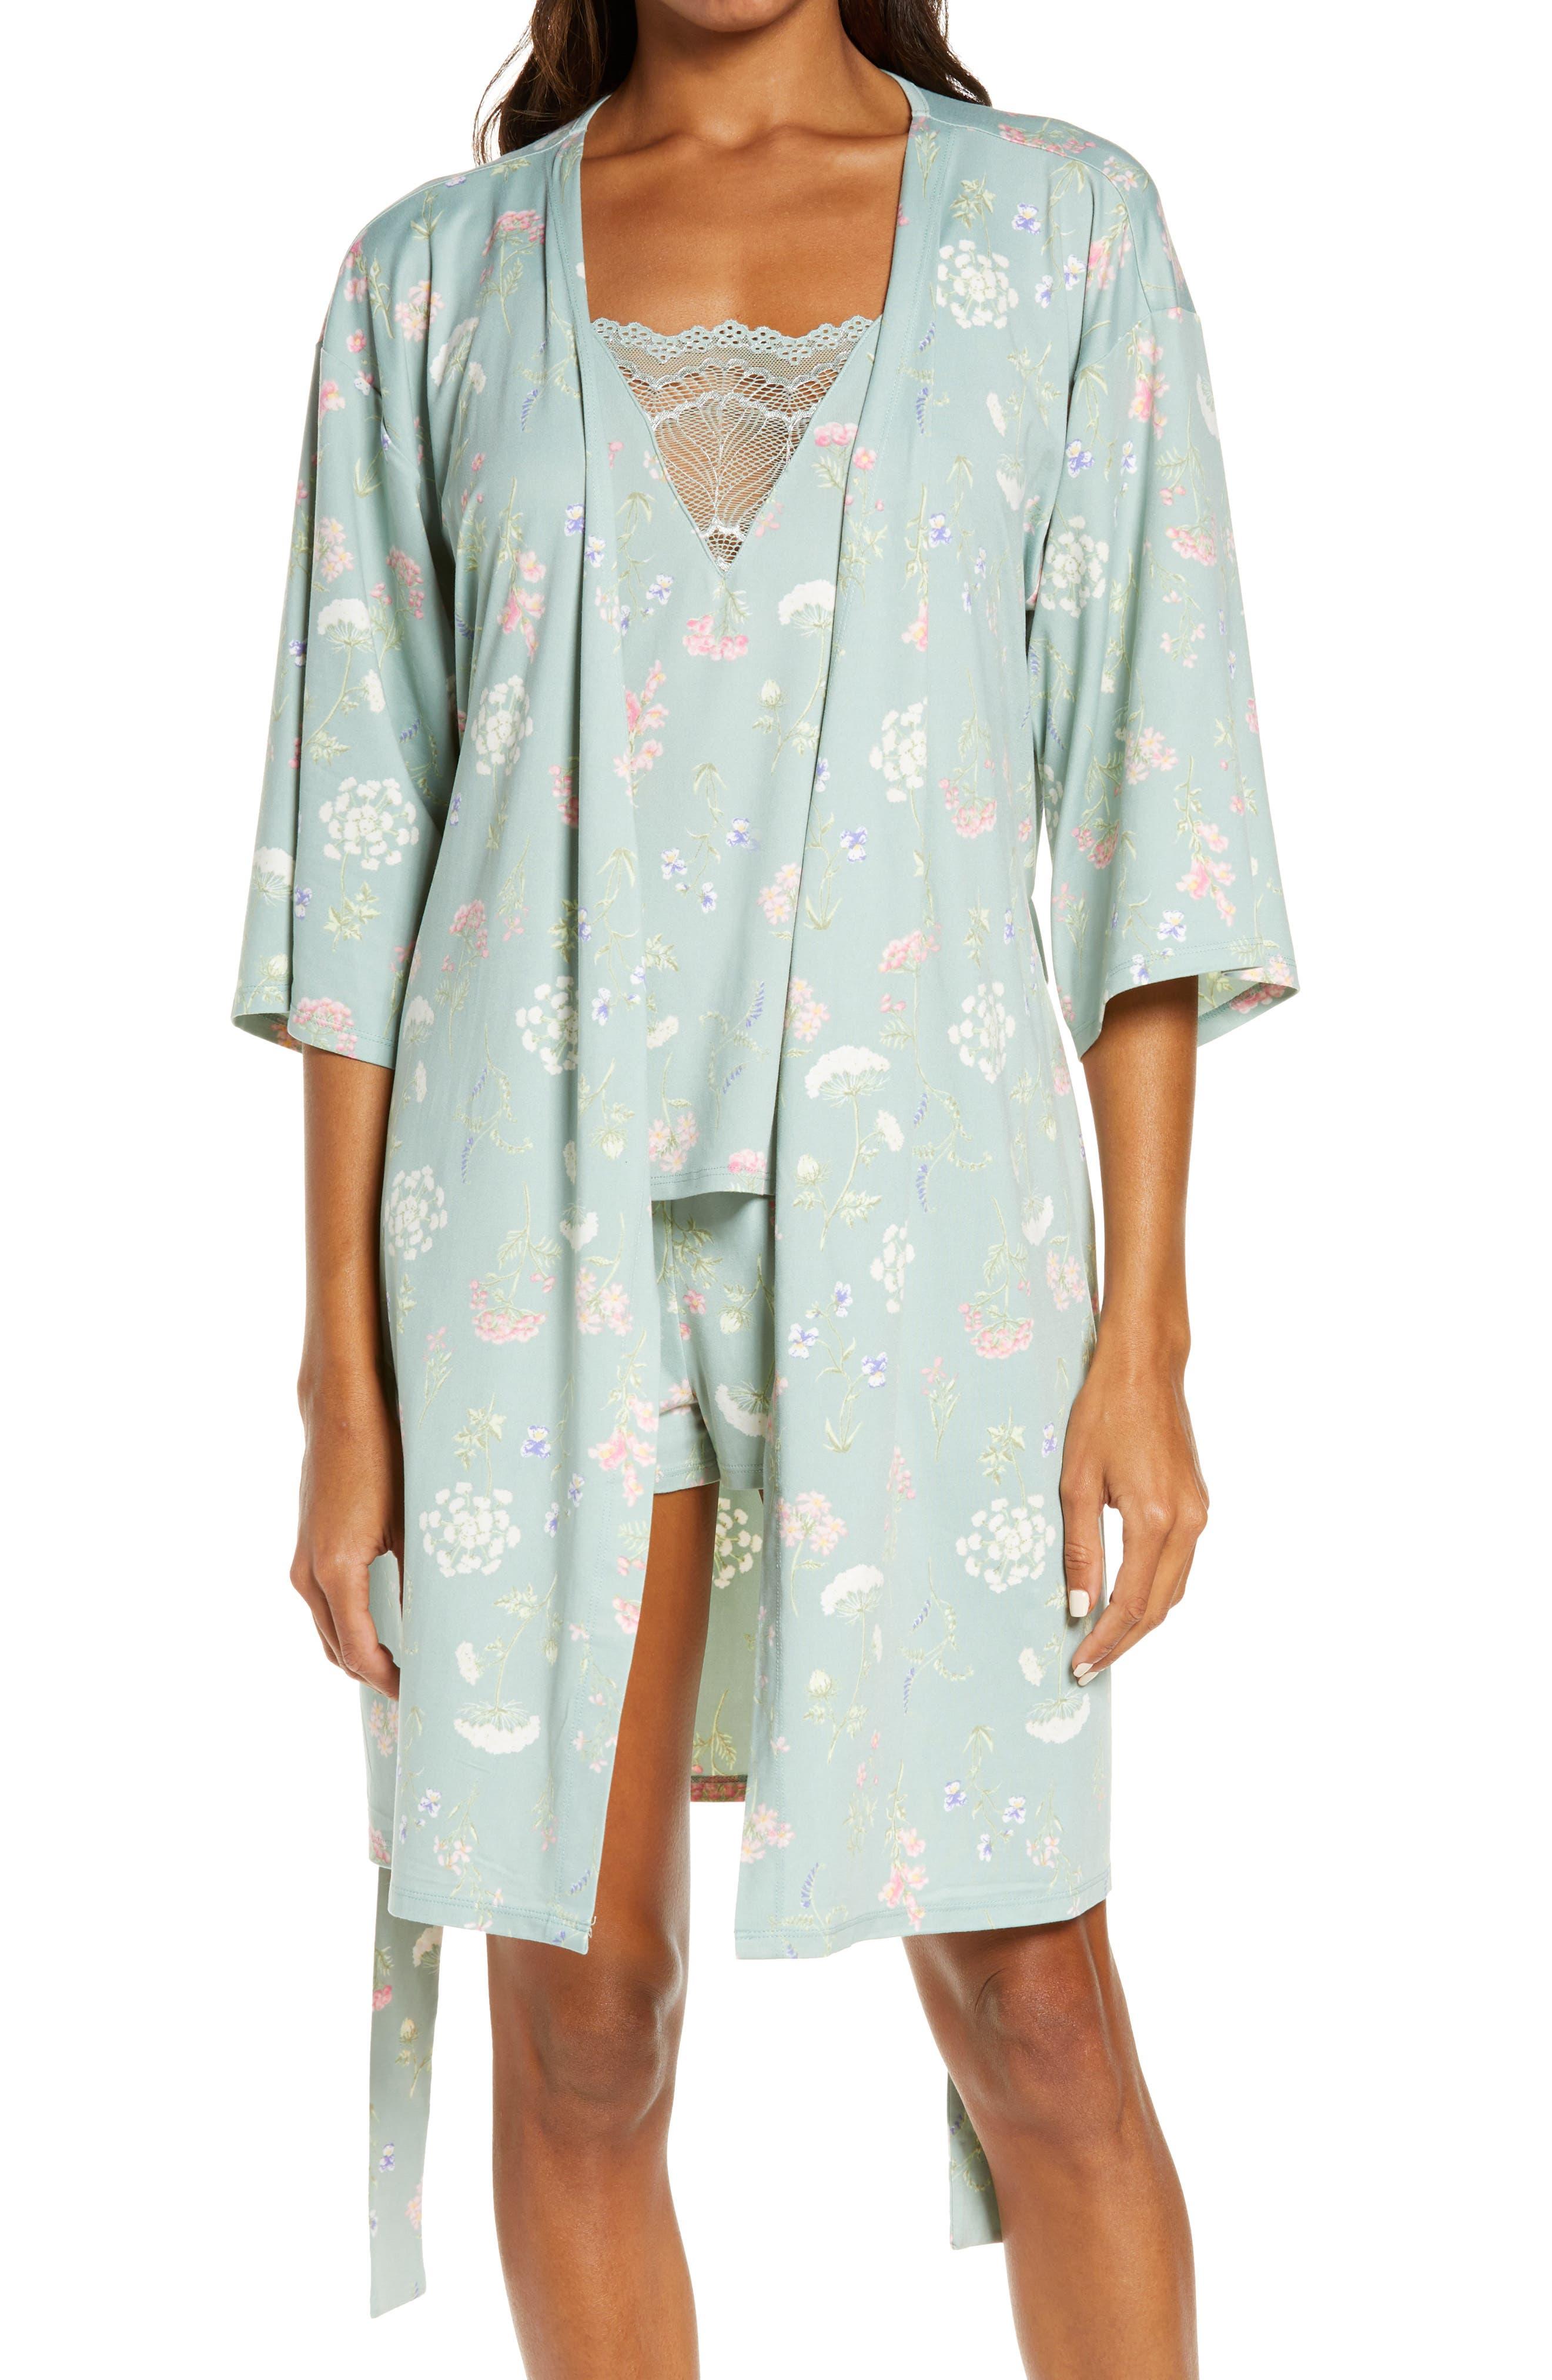 Minna Travel Short Pajamas & Robe